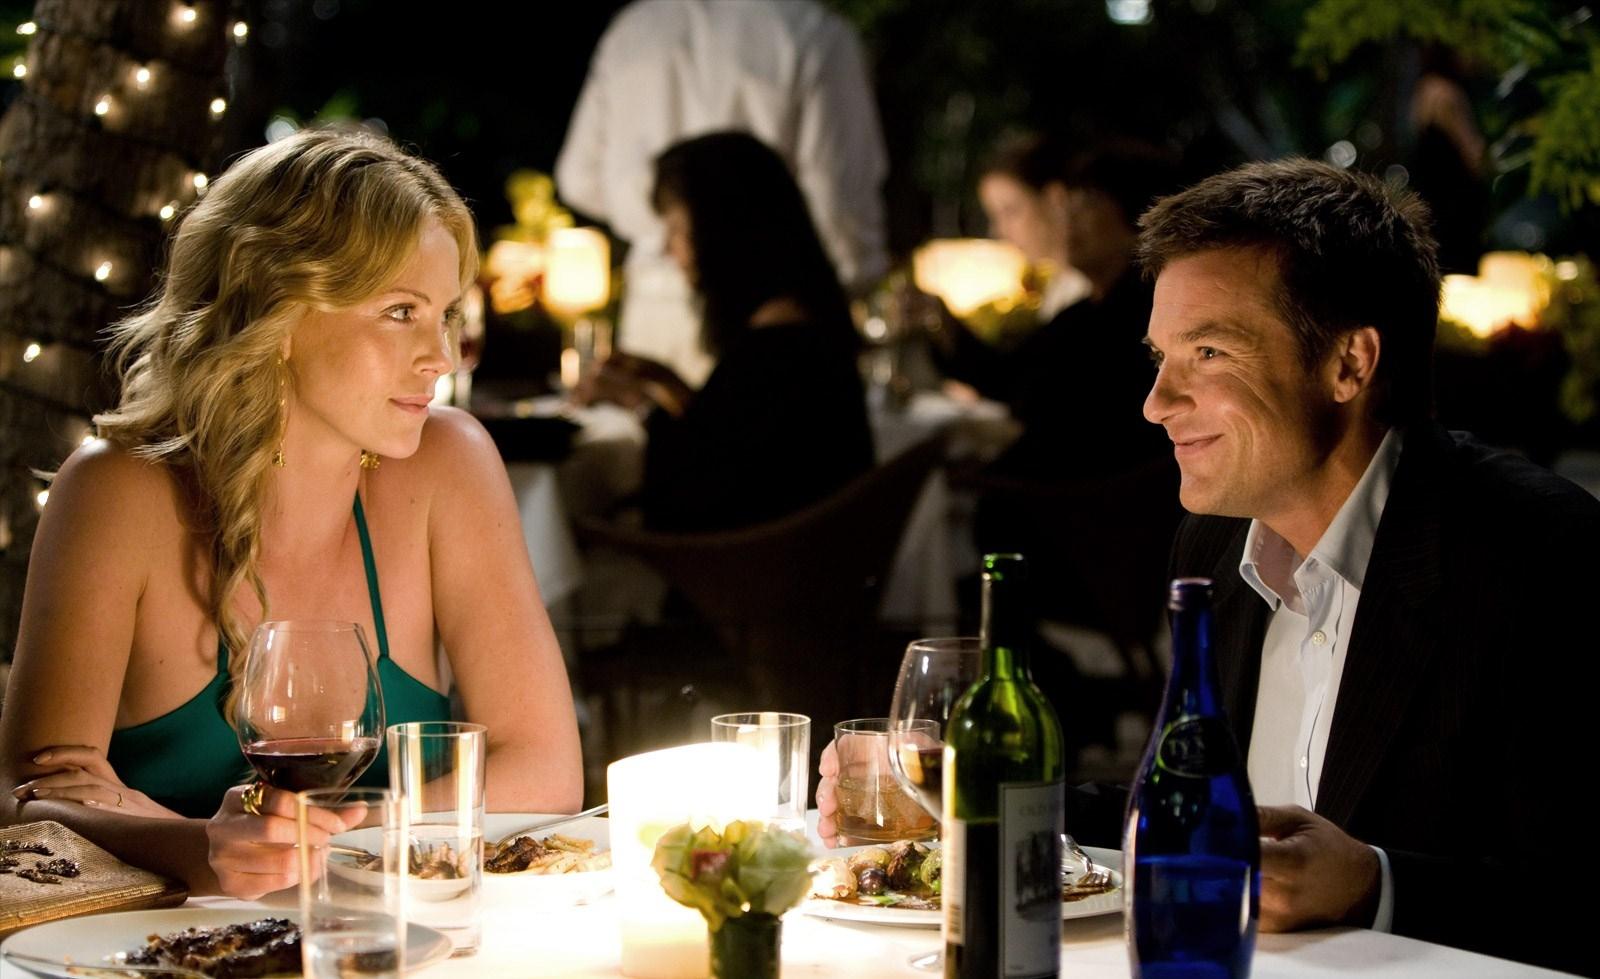 12 lời nói dối thường gặp trong buổi hẹn đầu tiên